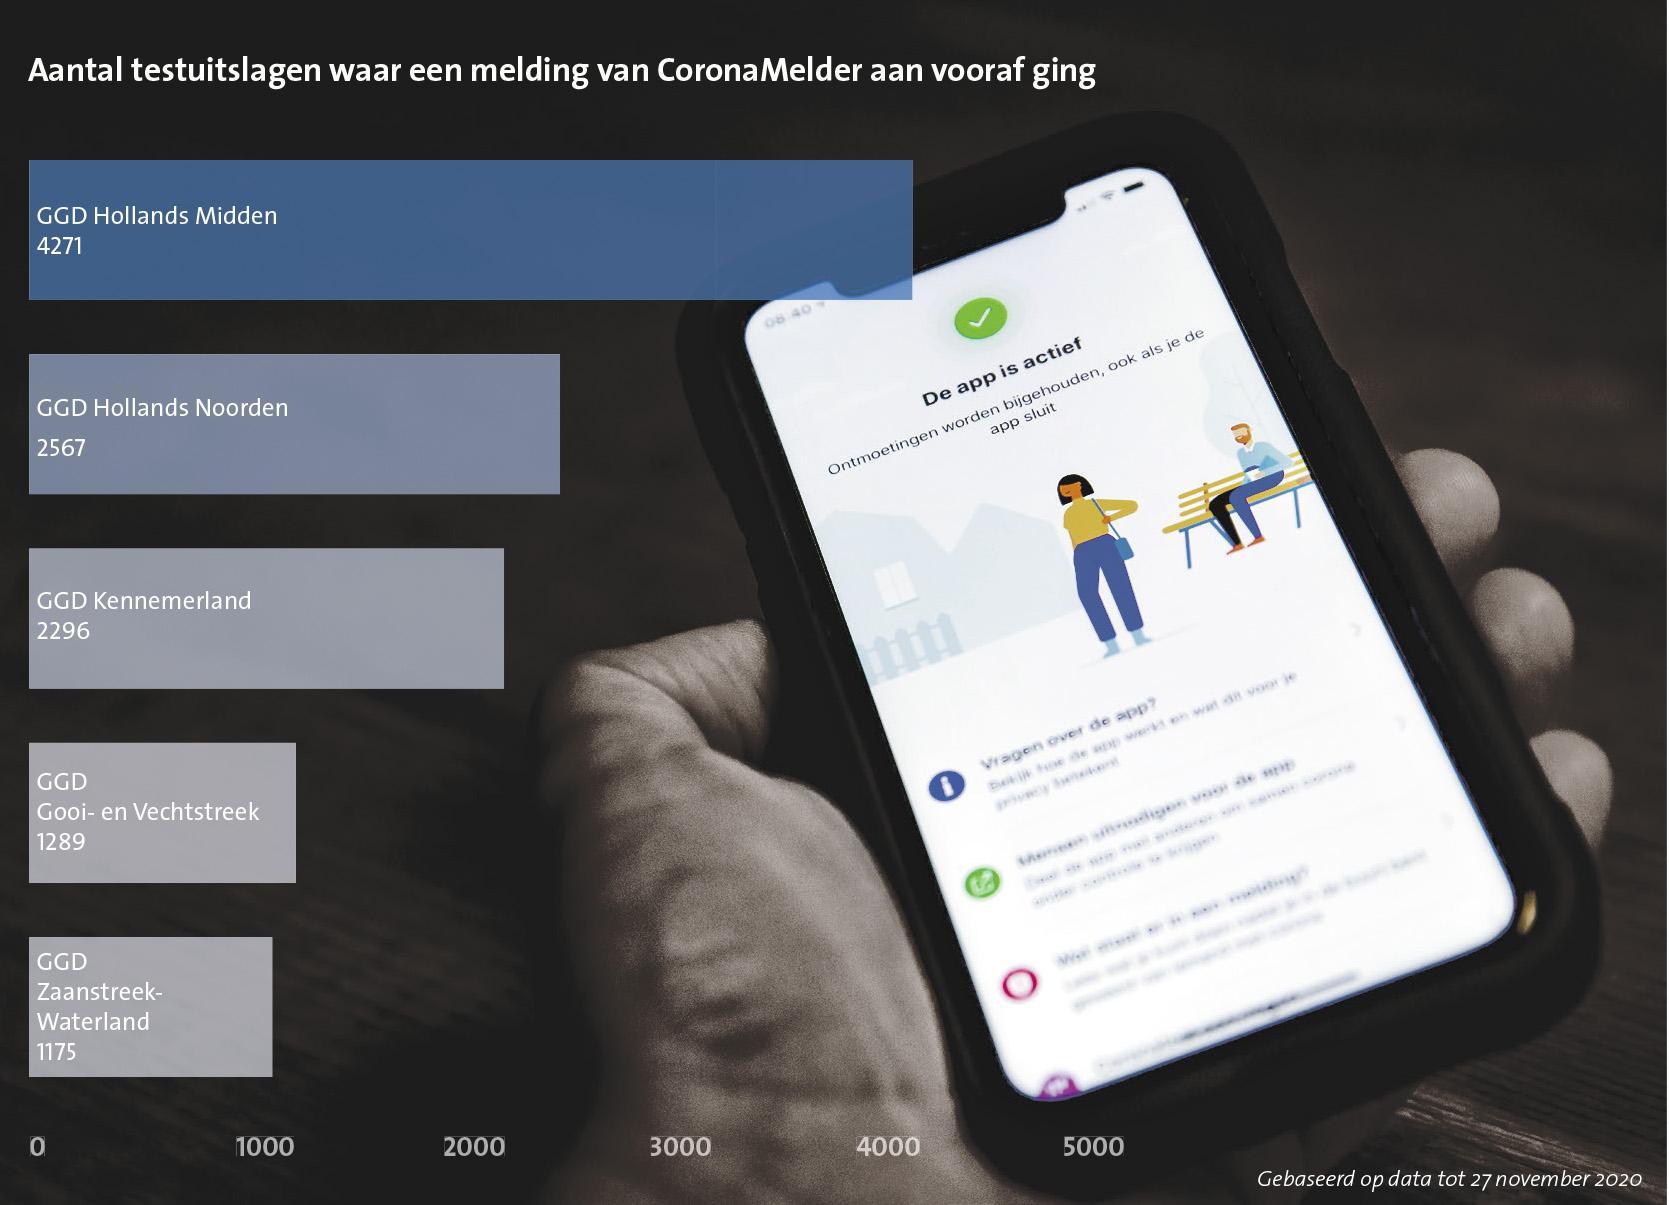 Meer dan de helft van de gebruikers ziet de voordelen van CoronaMelder